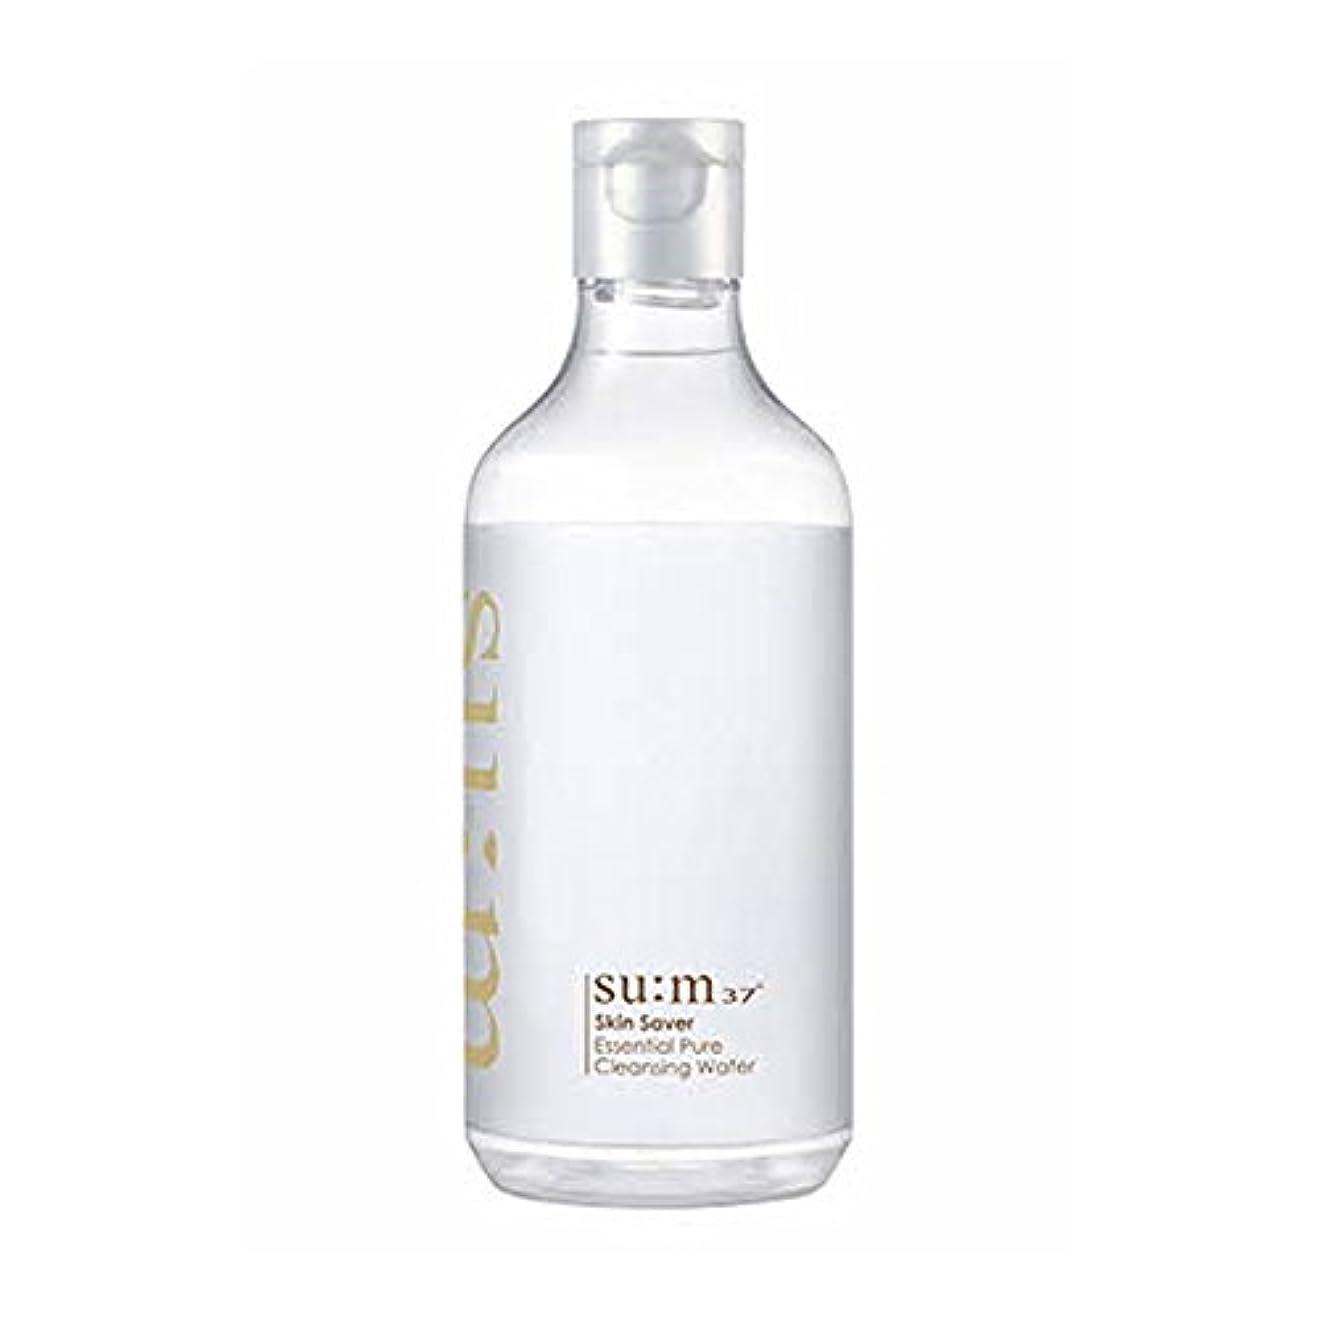 [スム37°] Sum37° スキンセイバー エッセンシャルピュアクレンジングウォーター  Skin saver Essential Pure Cleansing Water (海外直送品) [並行輸入品]